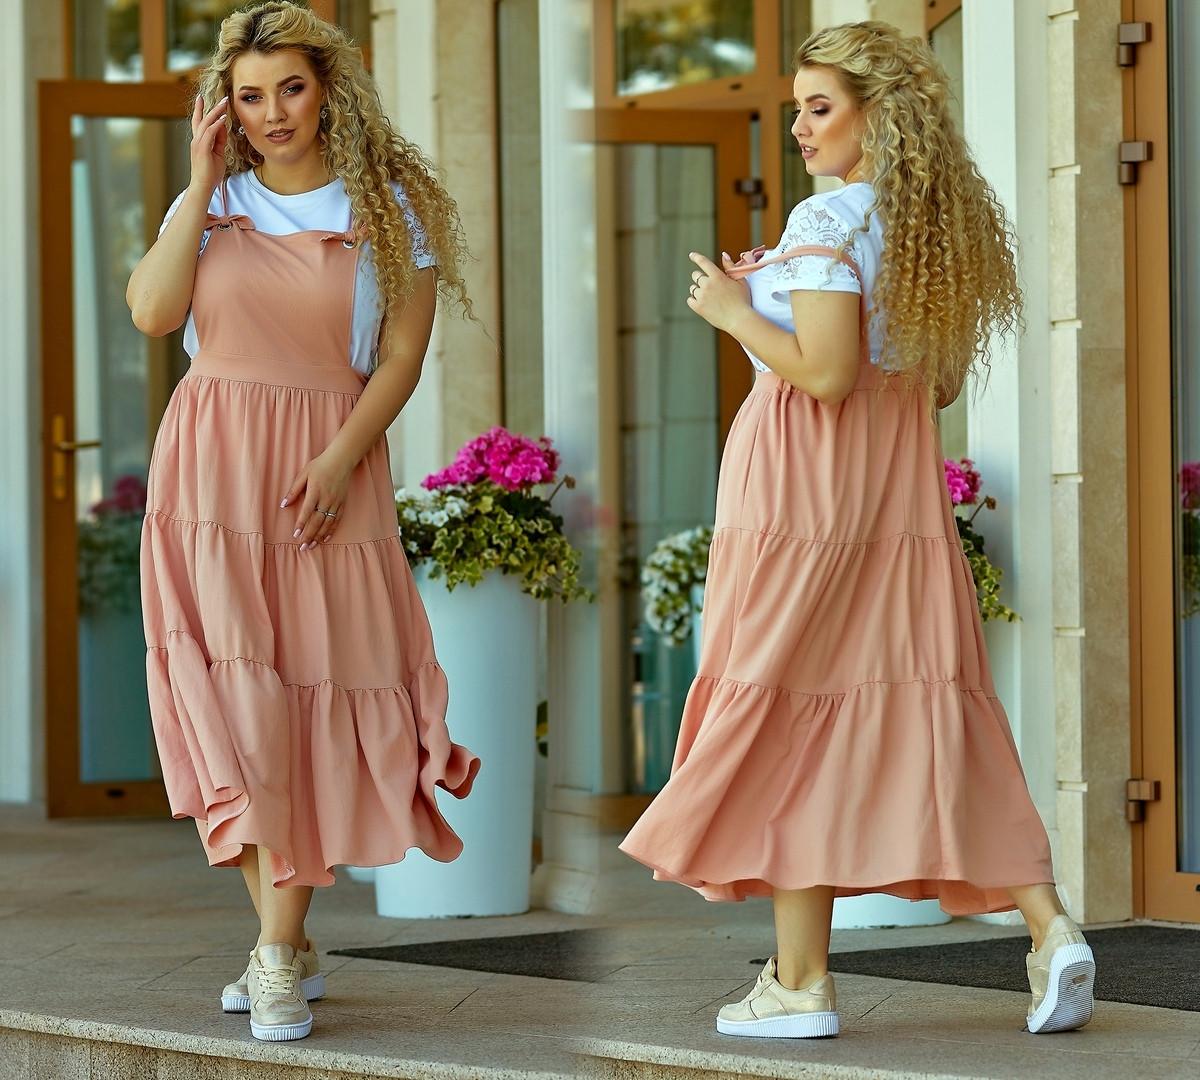 Женский летний сарафан на бретельках юбка широкая сзади на резинке удобный стильный размер: 58-60